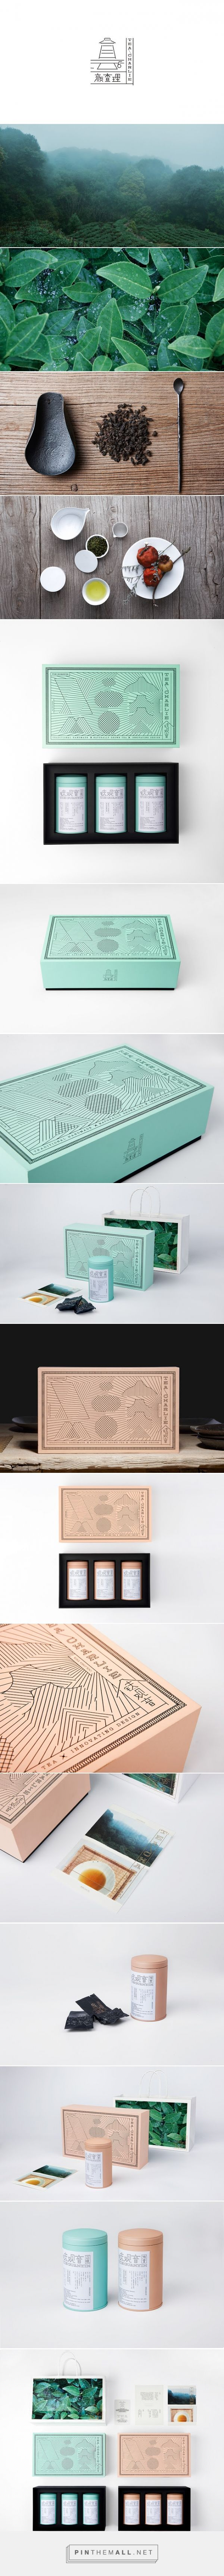 Tea Charlie packaging designed by YanYaoming